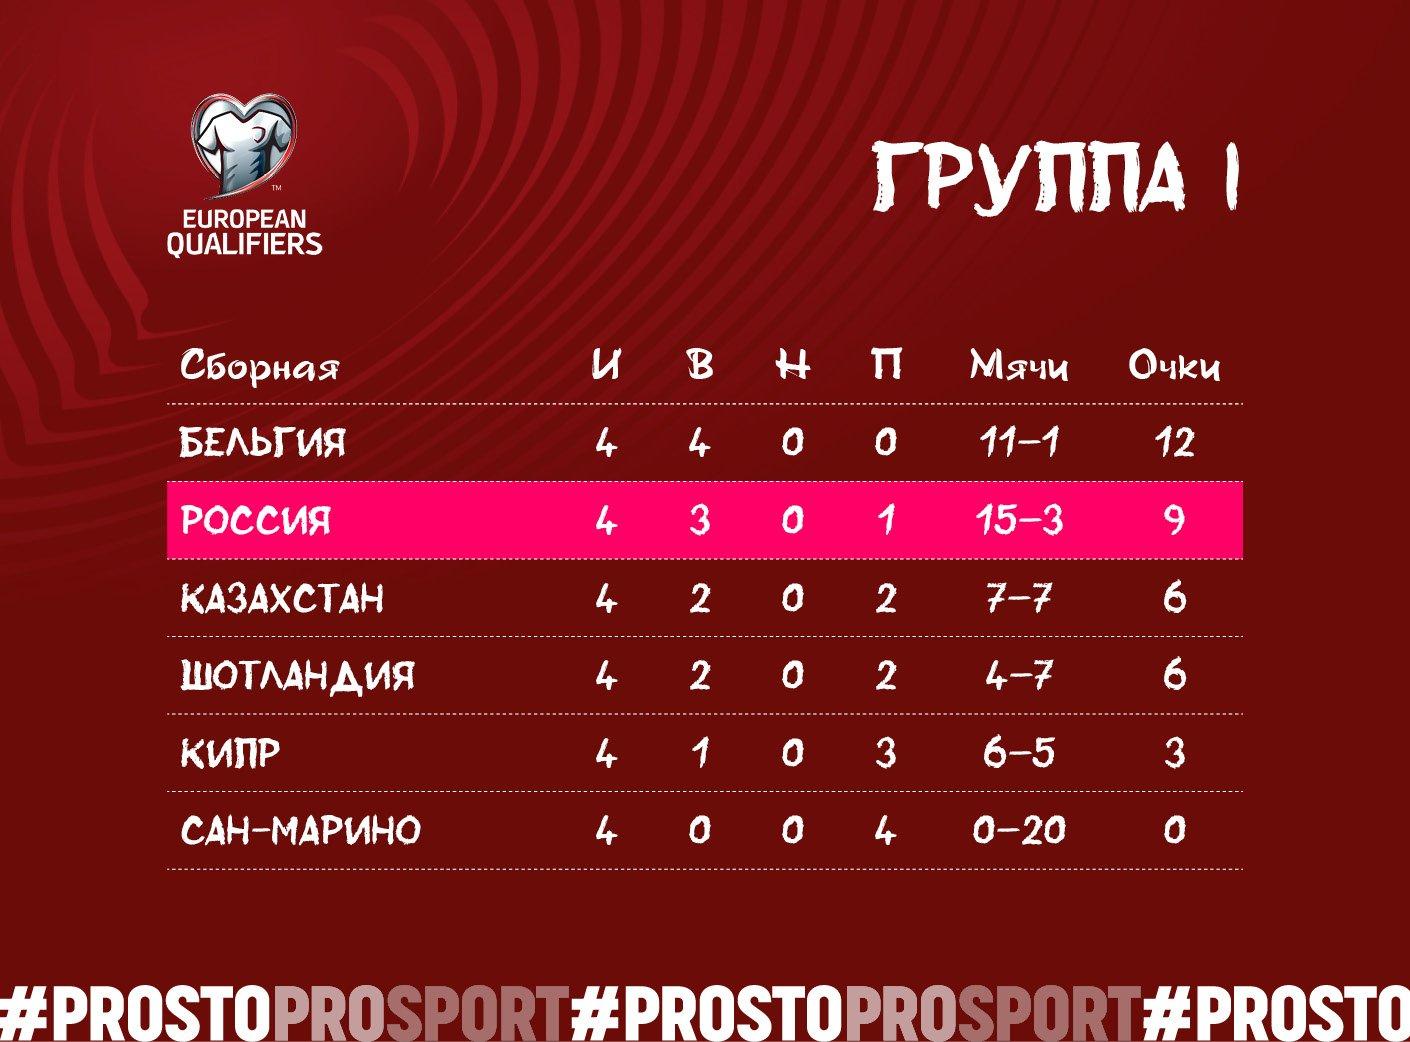 Группа сборной России в отборе Евро-2020